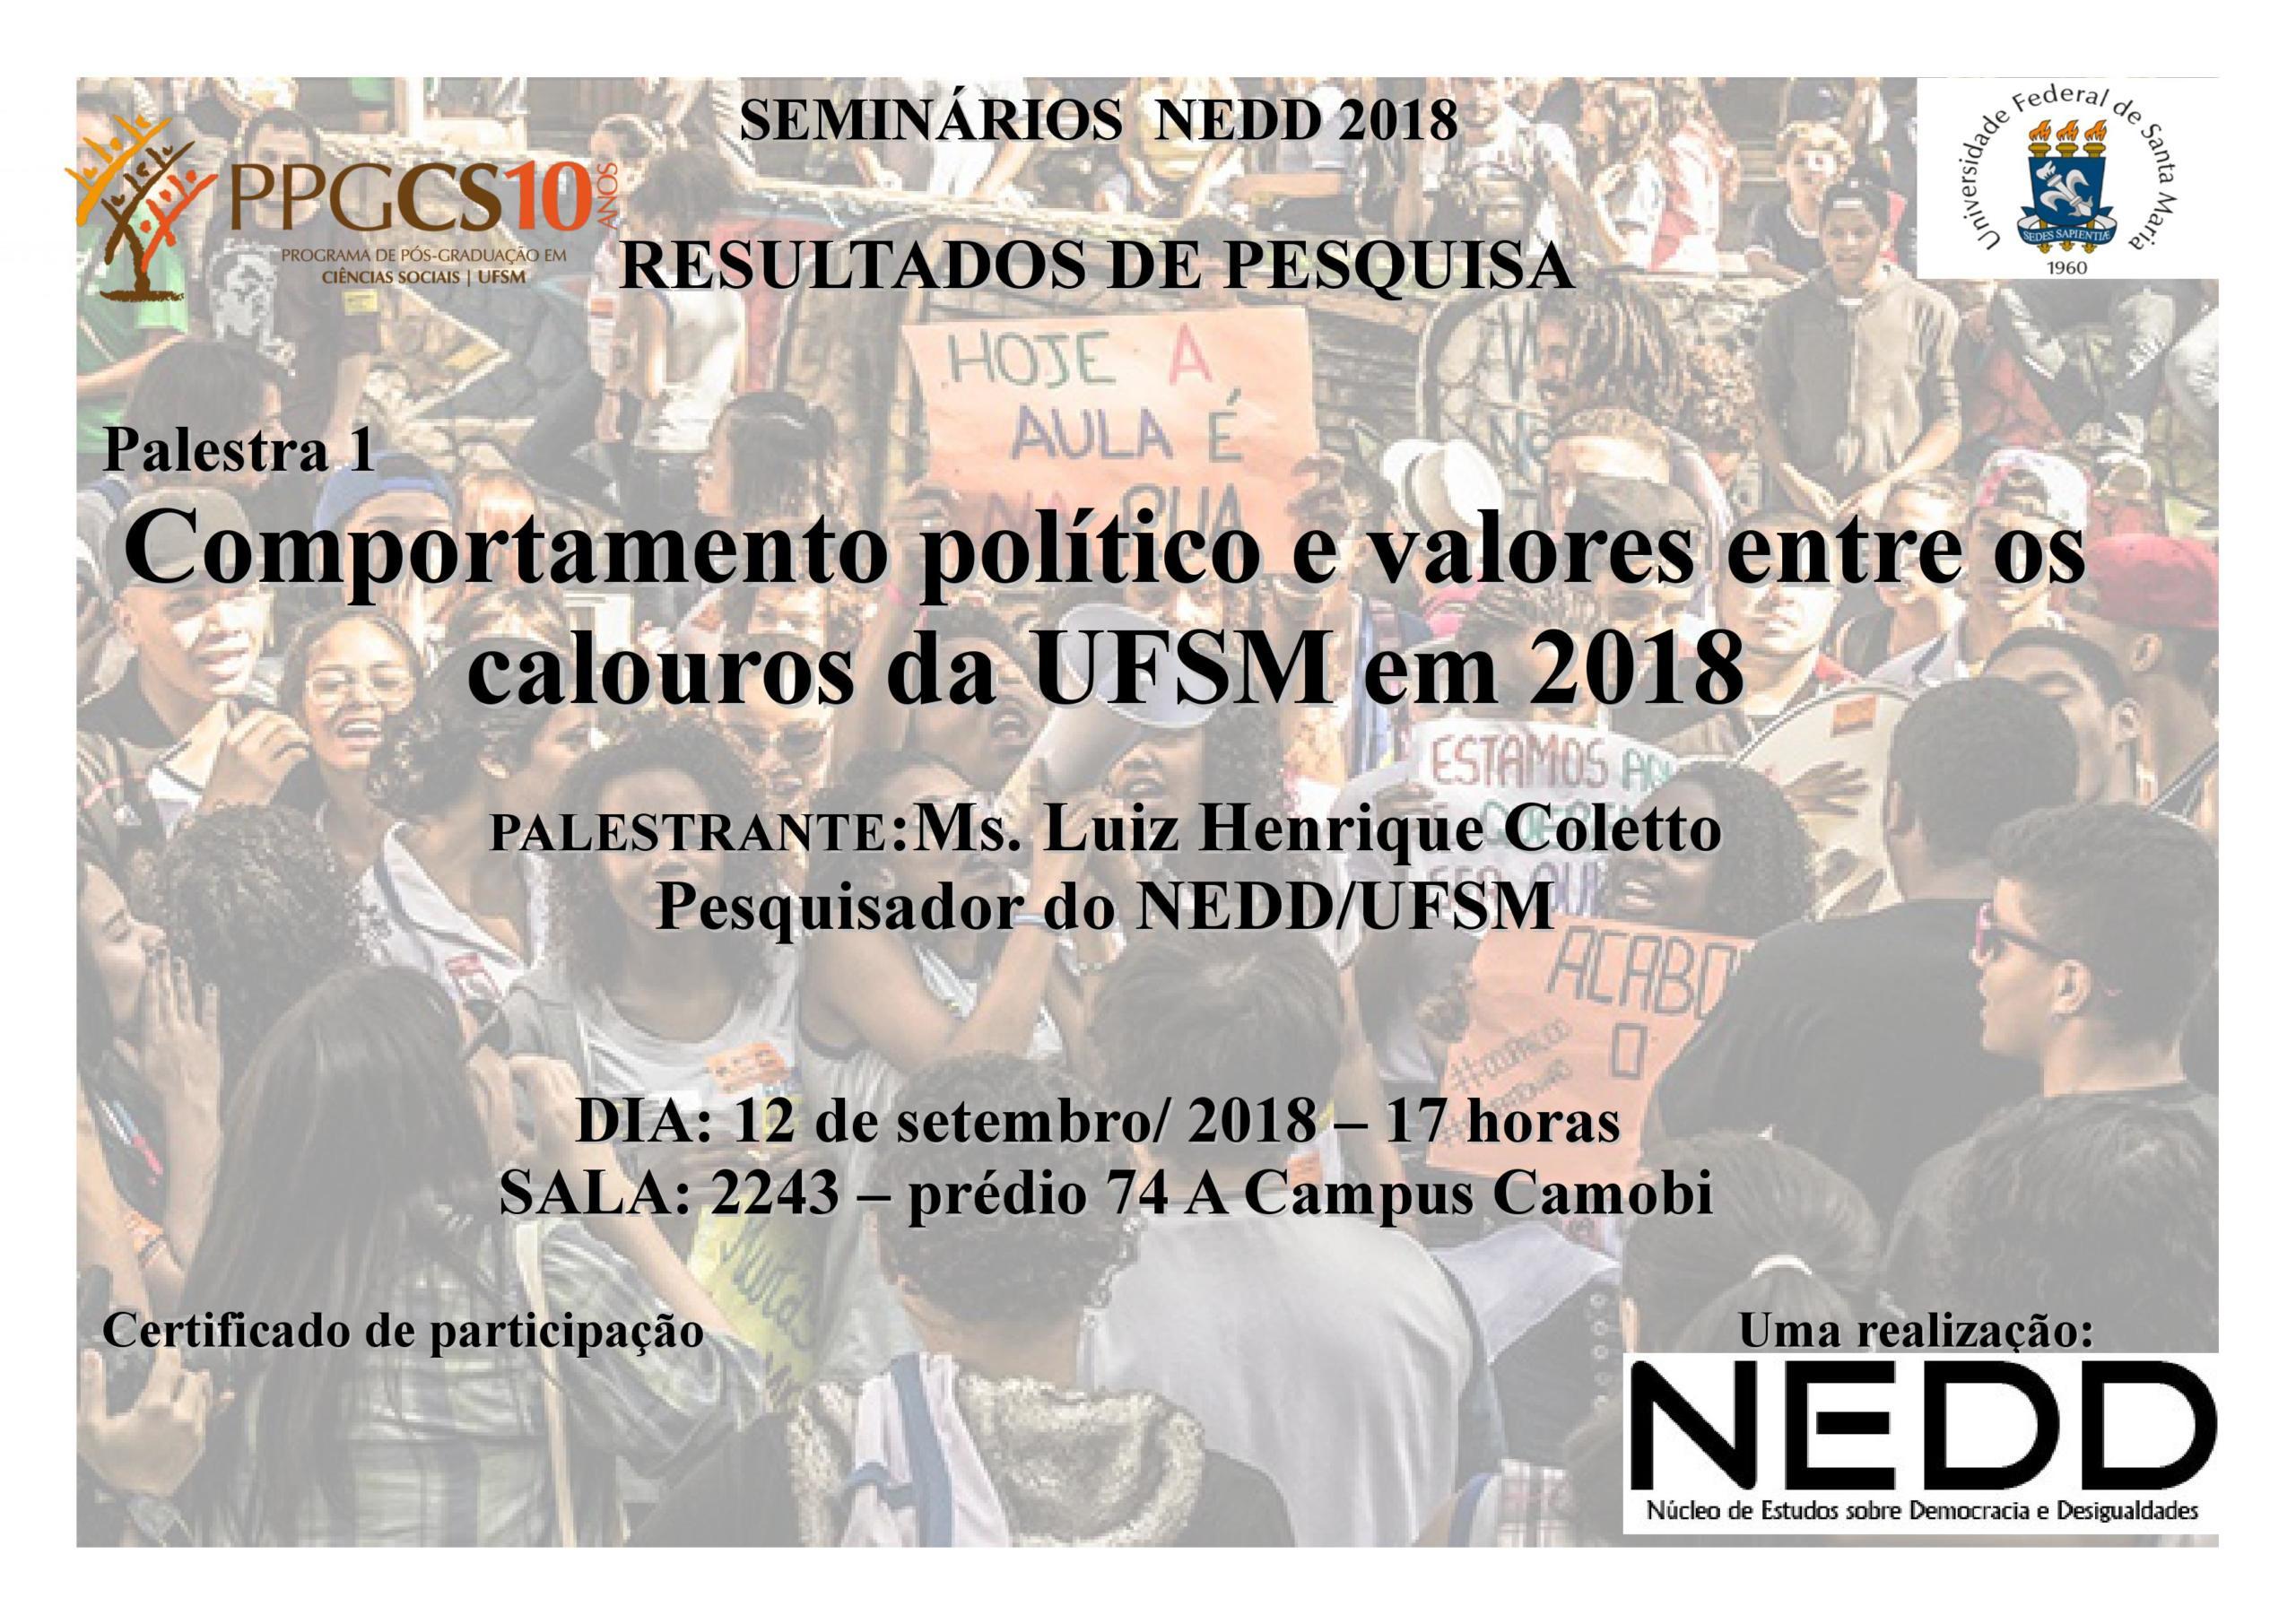 Seminarios NEDD 12 set 2018